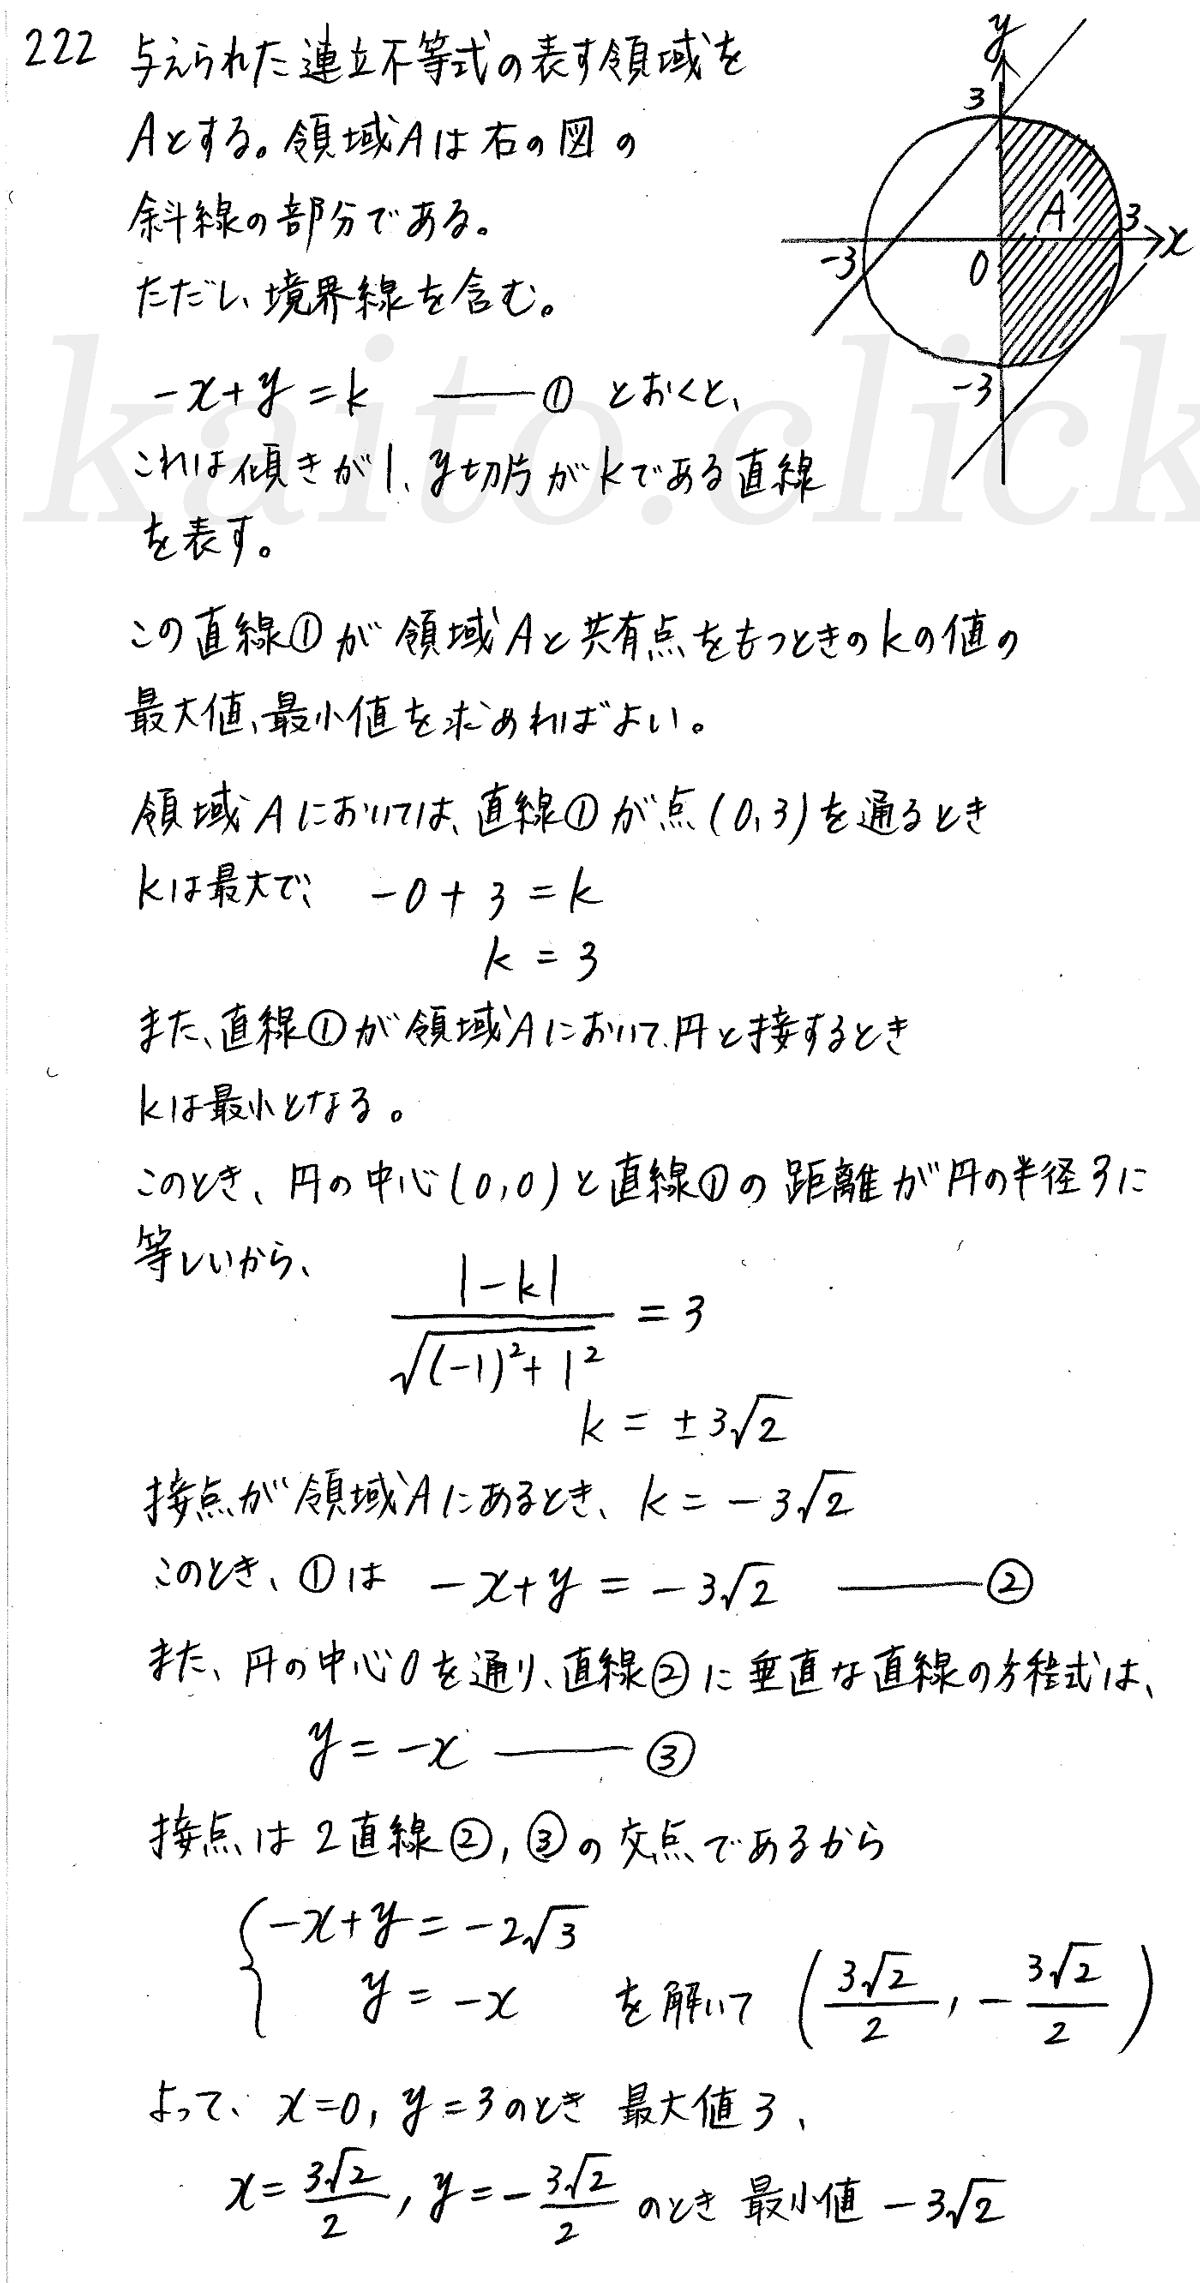 クリアー数学2-222解答